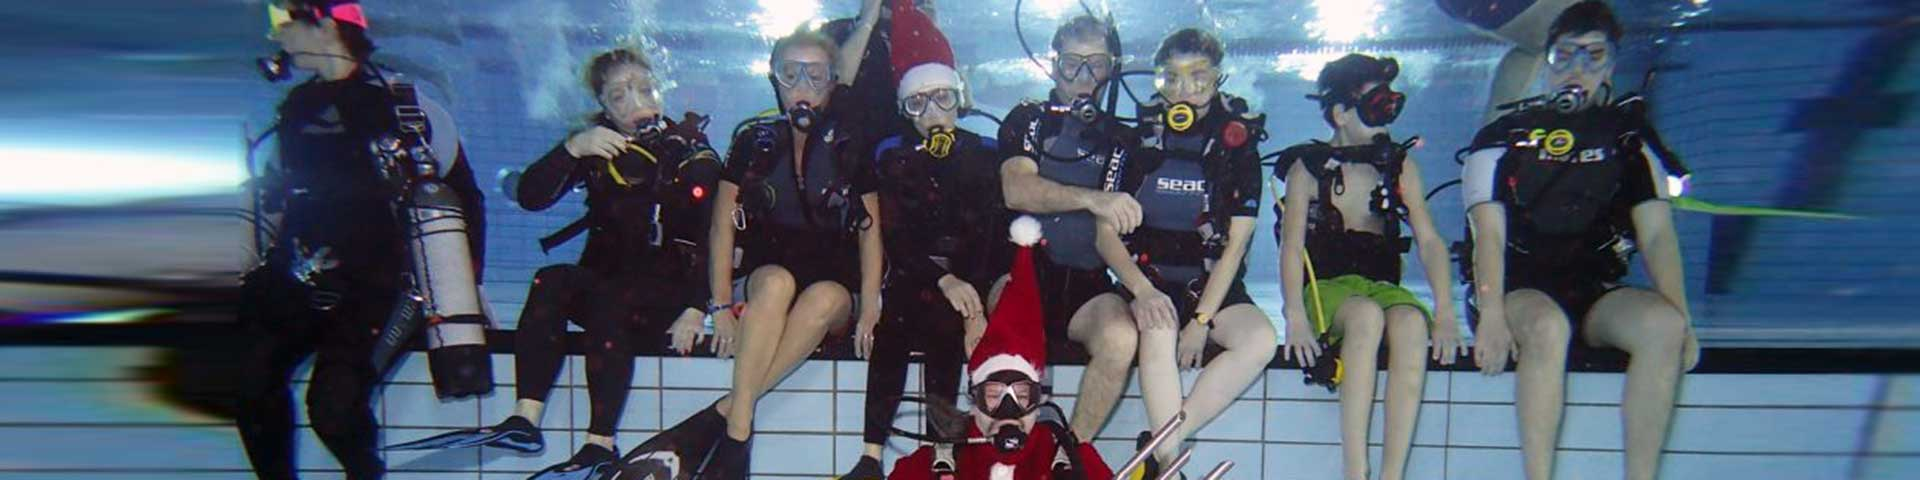 Slide Weihnachtsmann Vereinsleben